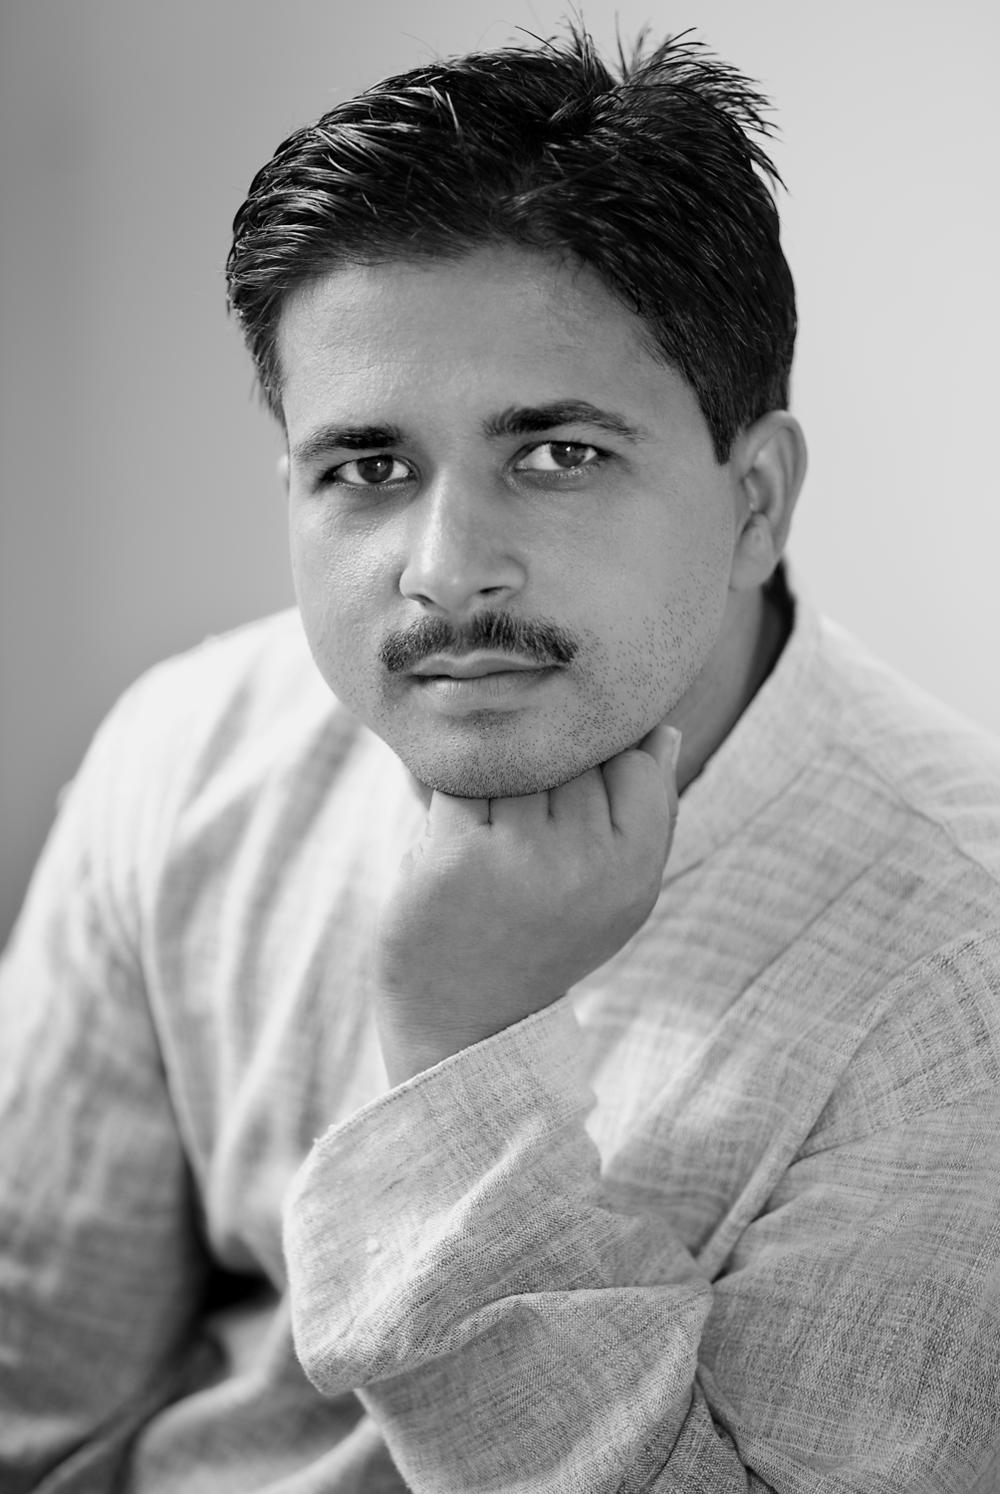 Gyan Prakash, Banares, India